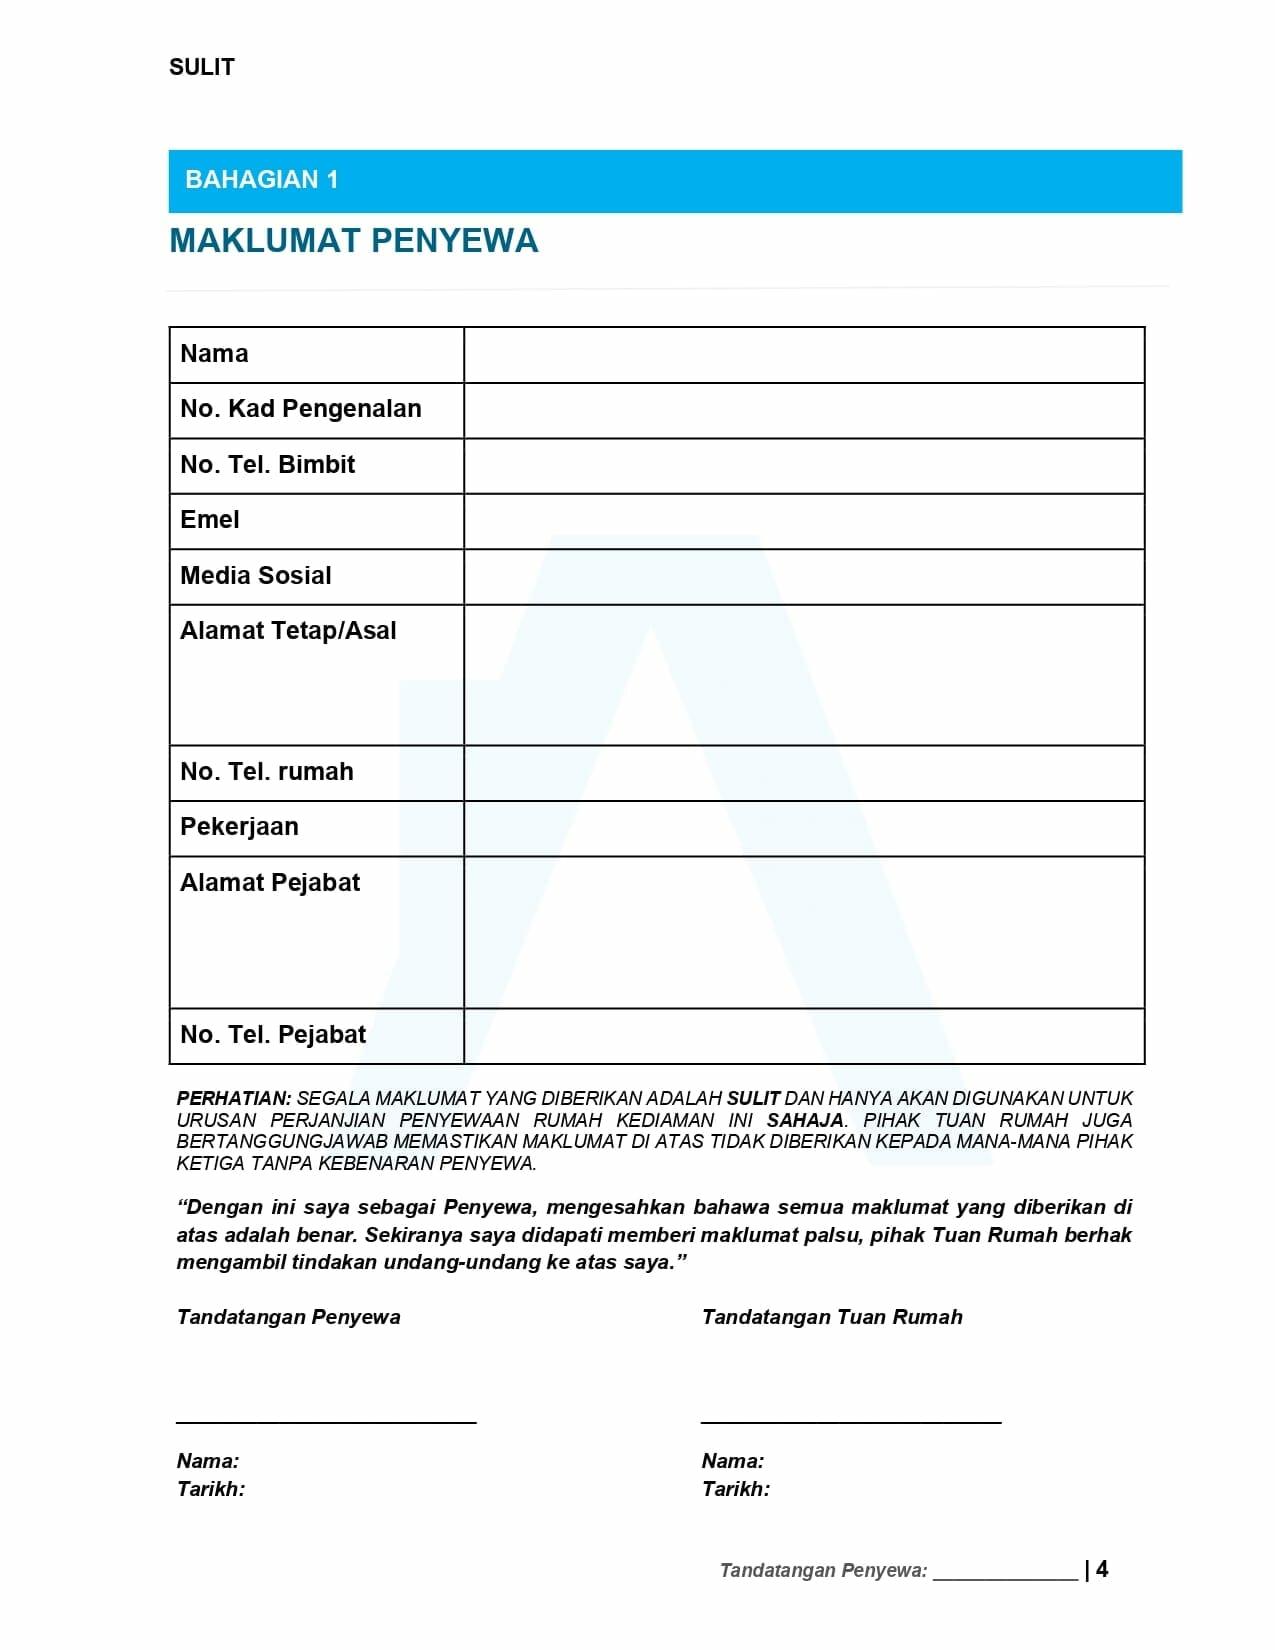 Maklumat Penyewa - Contoh Surat Perjanjian Sewa Rumah 2021 | Tenancy Agreement Malaysia